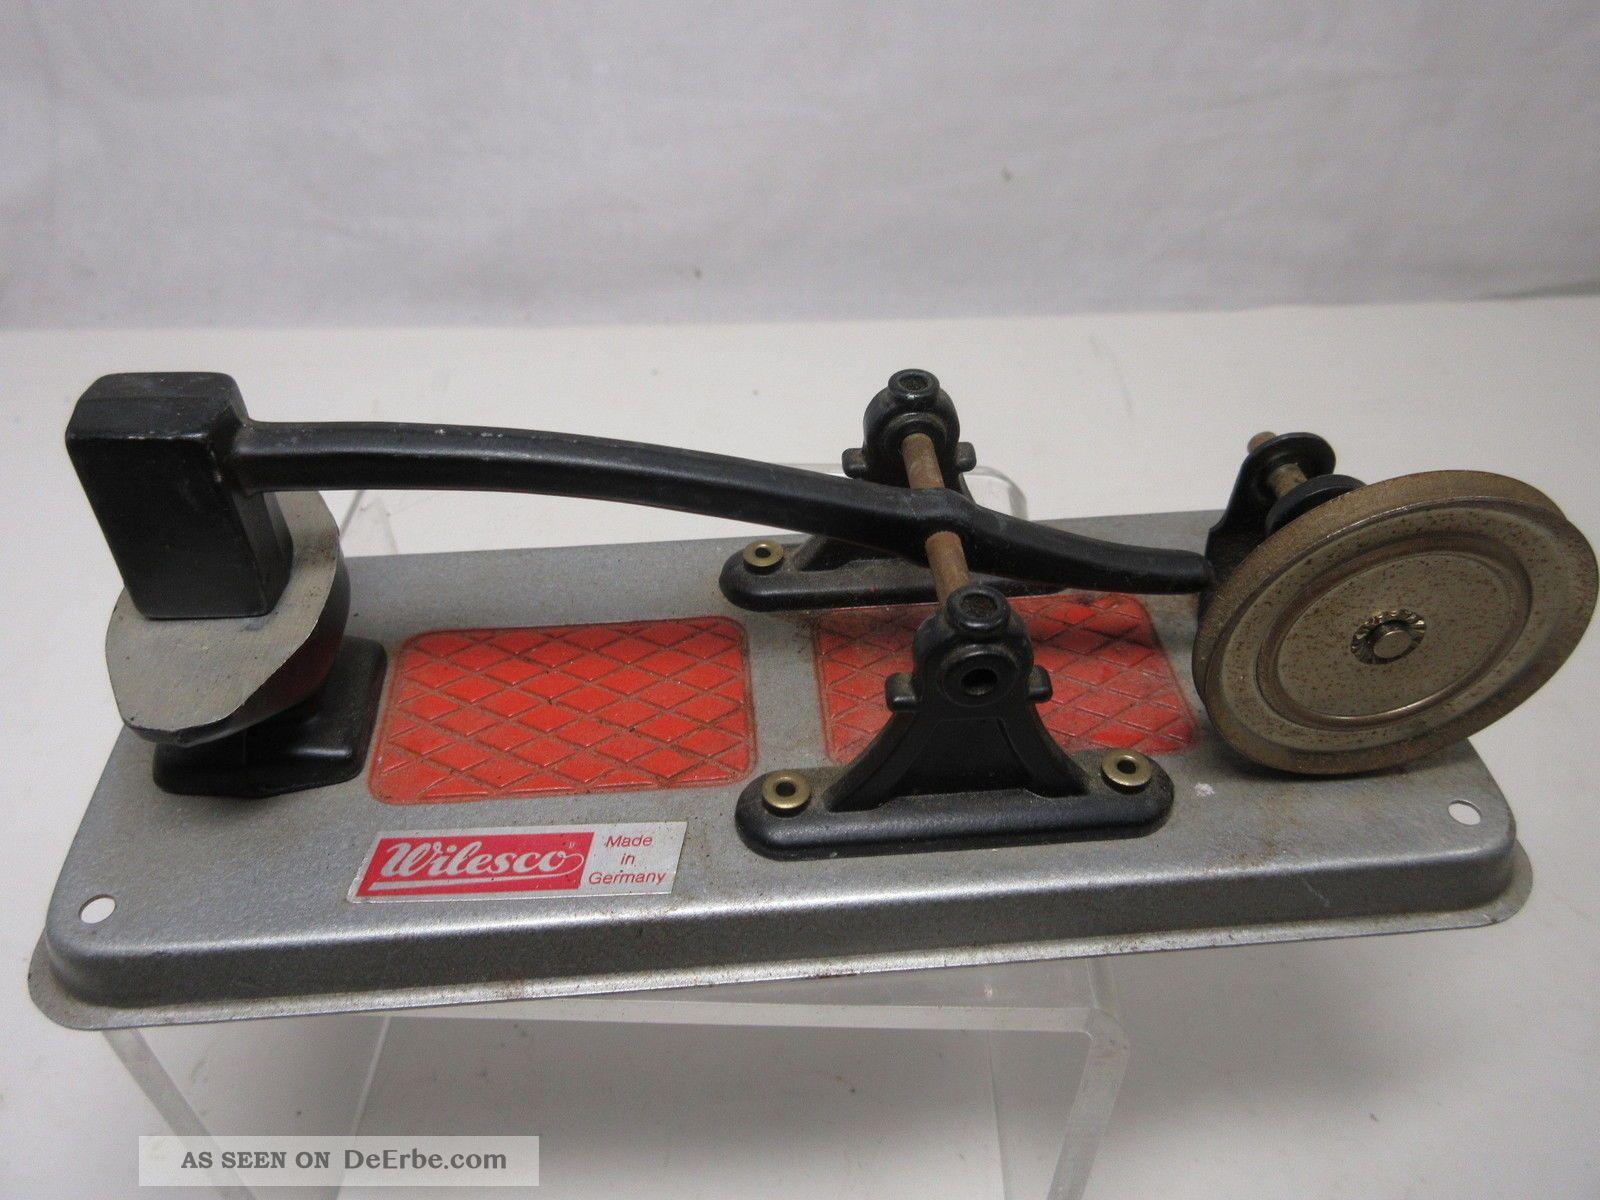 Wilesco Dampfmaschine Zubehör Antriebsmodell M 60 Bügelsäge Gefertigt nach 1945 Bild